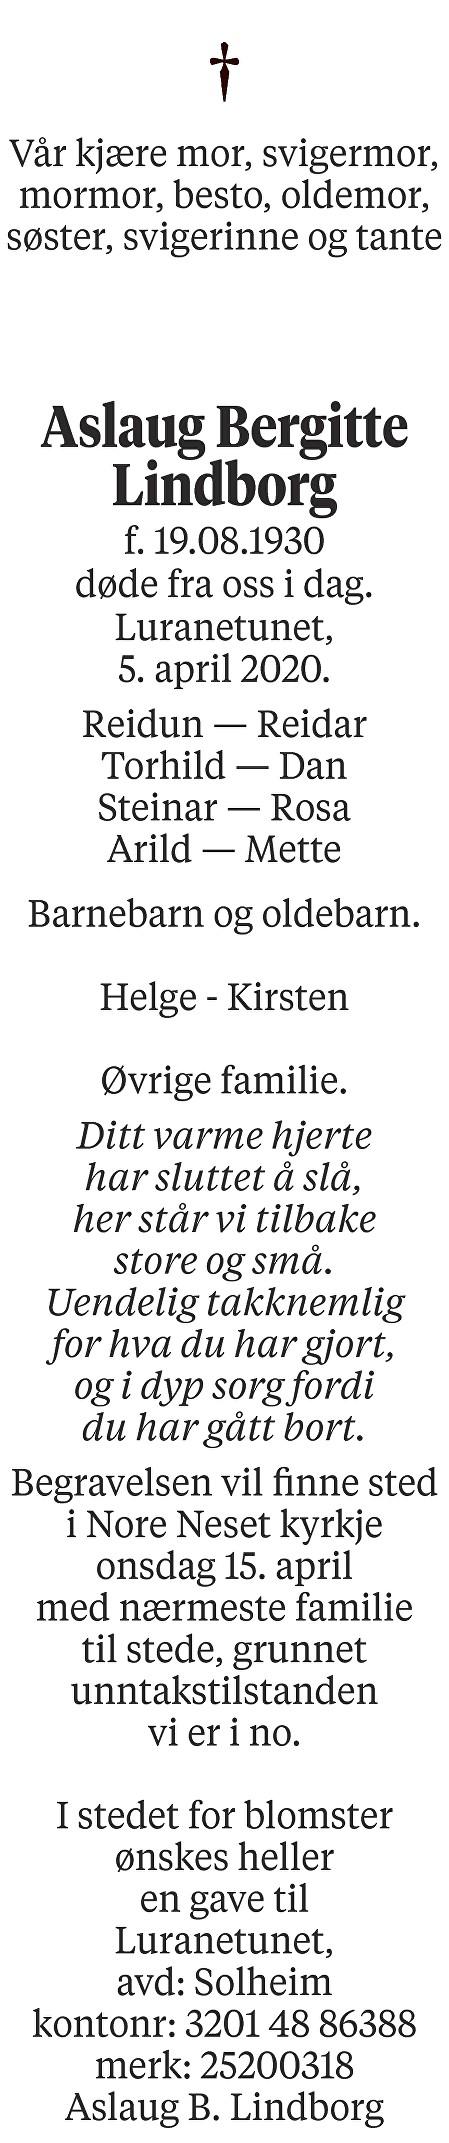 Aslaug Bergitte Lindborg Dødsannonse